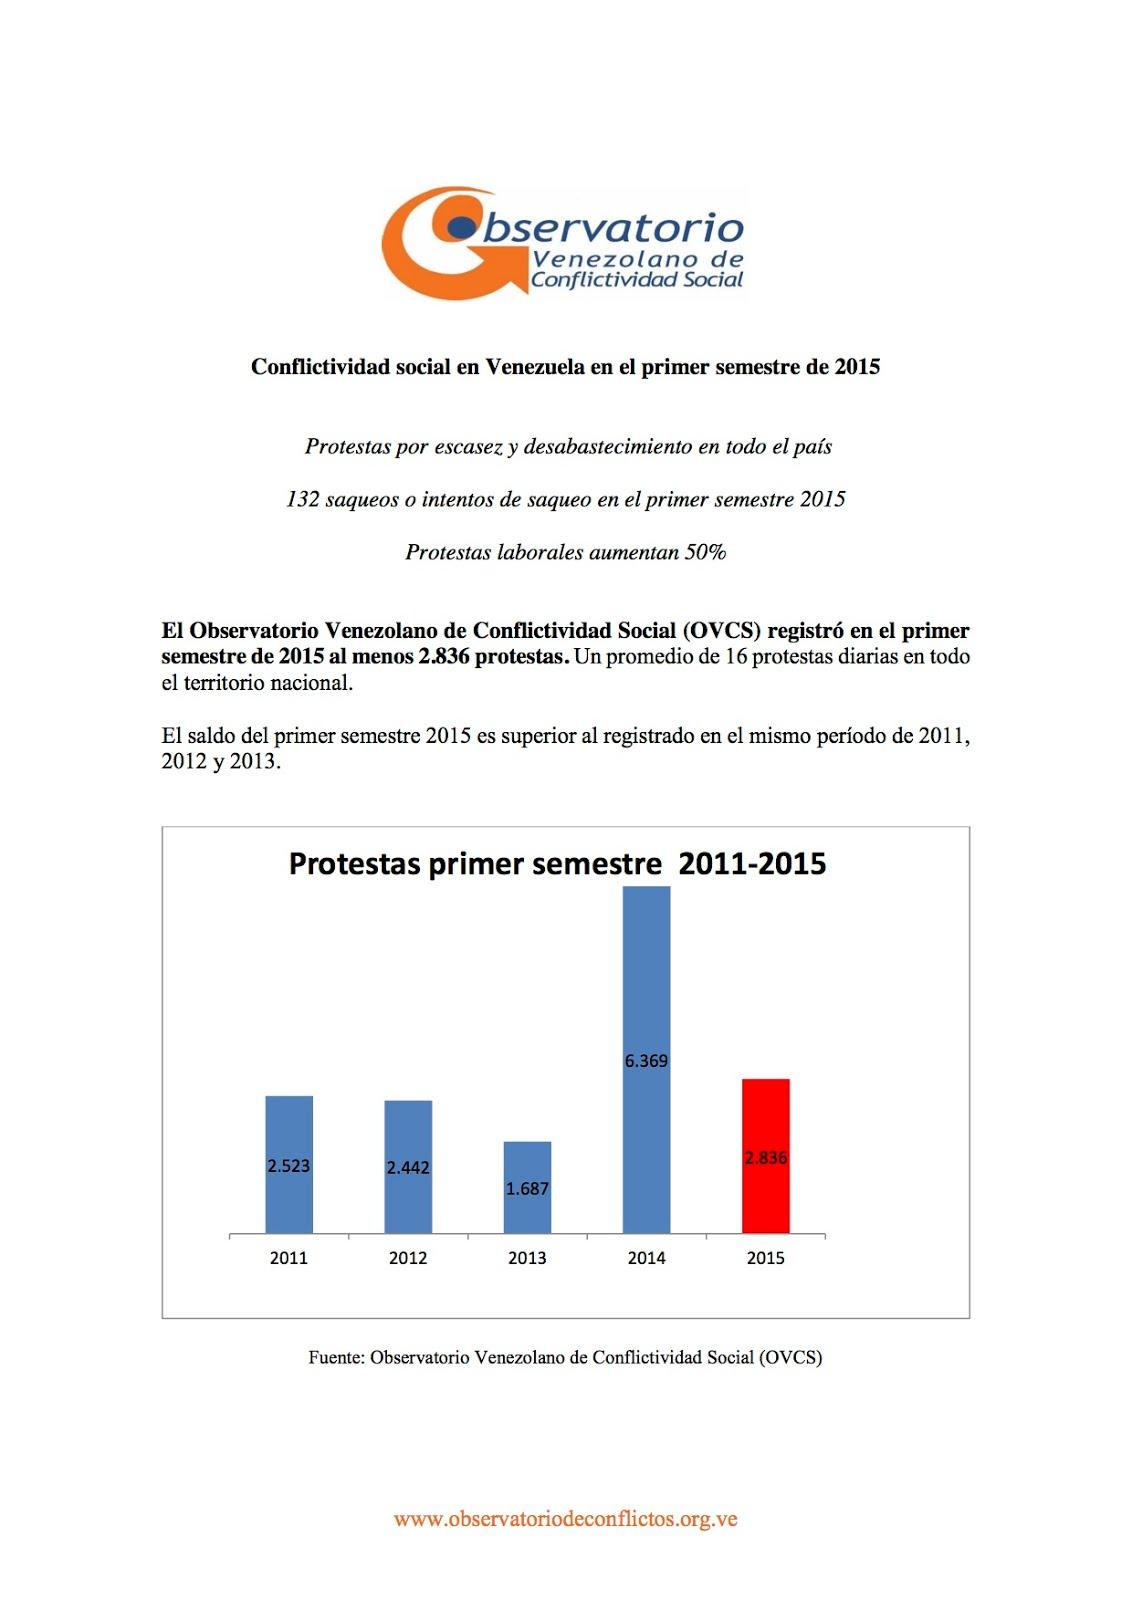 Conflictividad social en Venezuela en el primer semestre de 2015